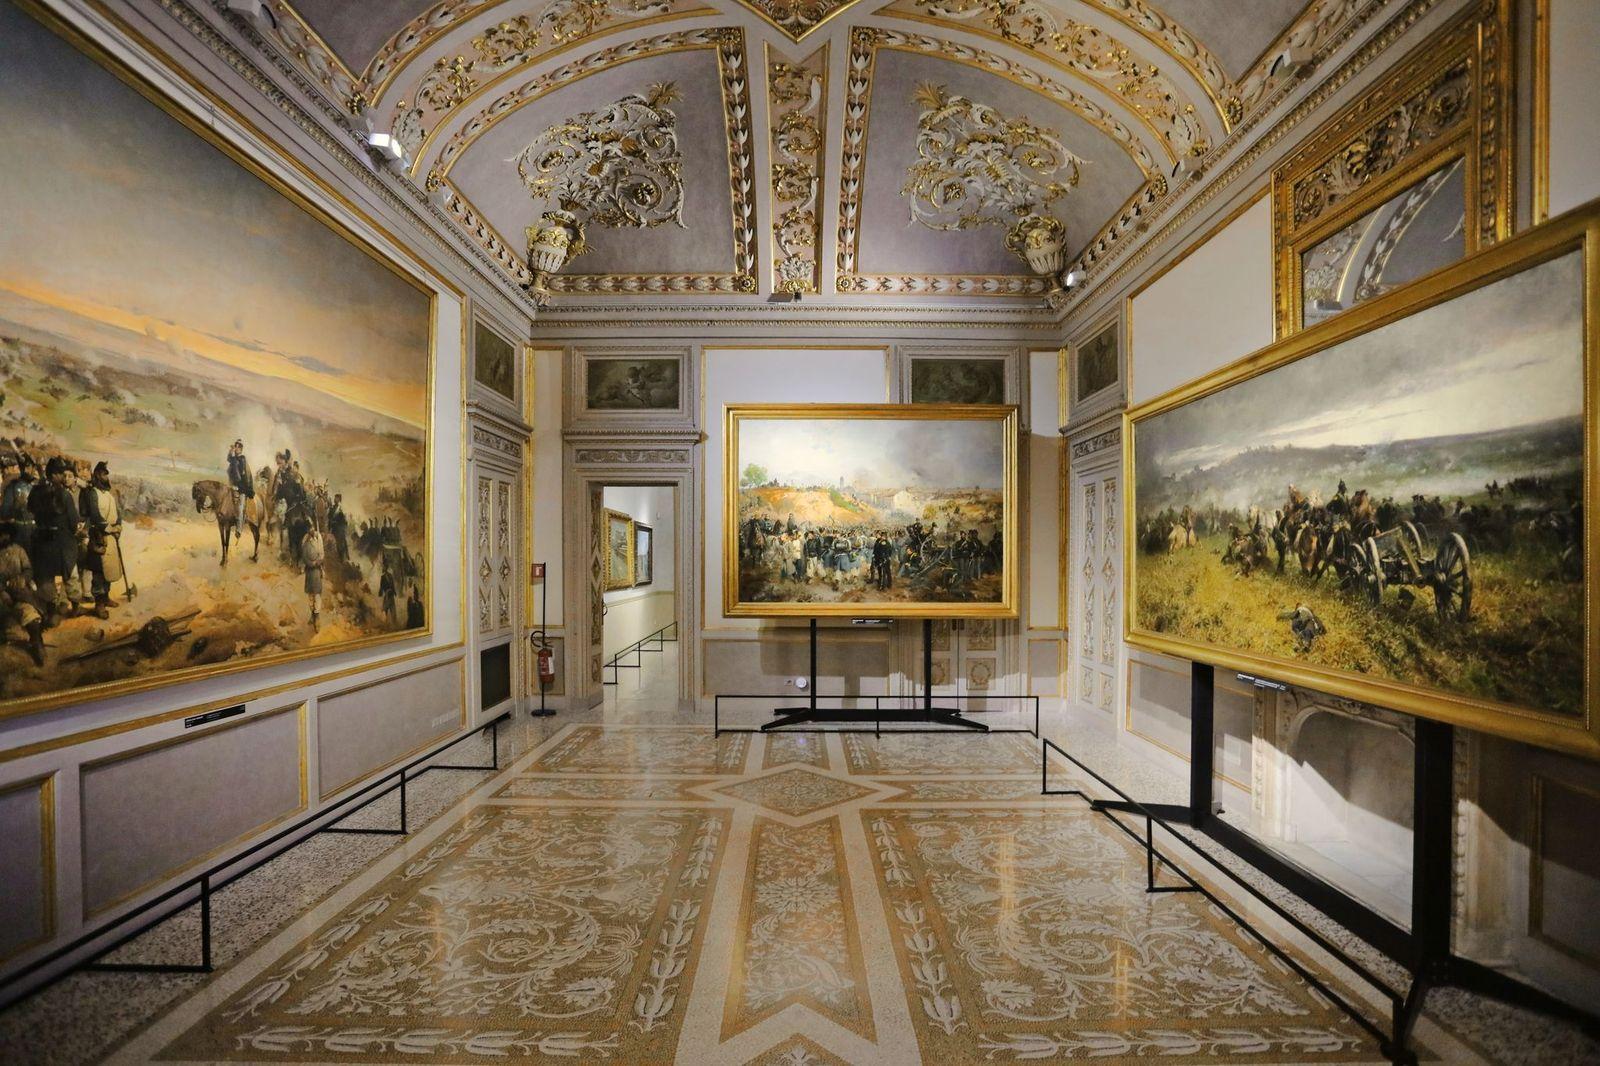 Milano MuseoCity 2021. Interno delle Gallerie d'Italia, Milano